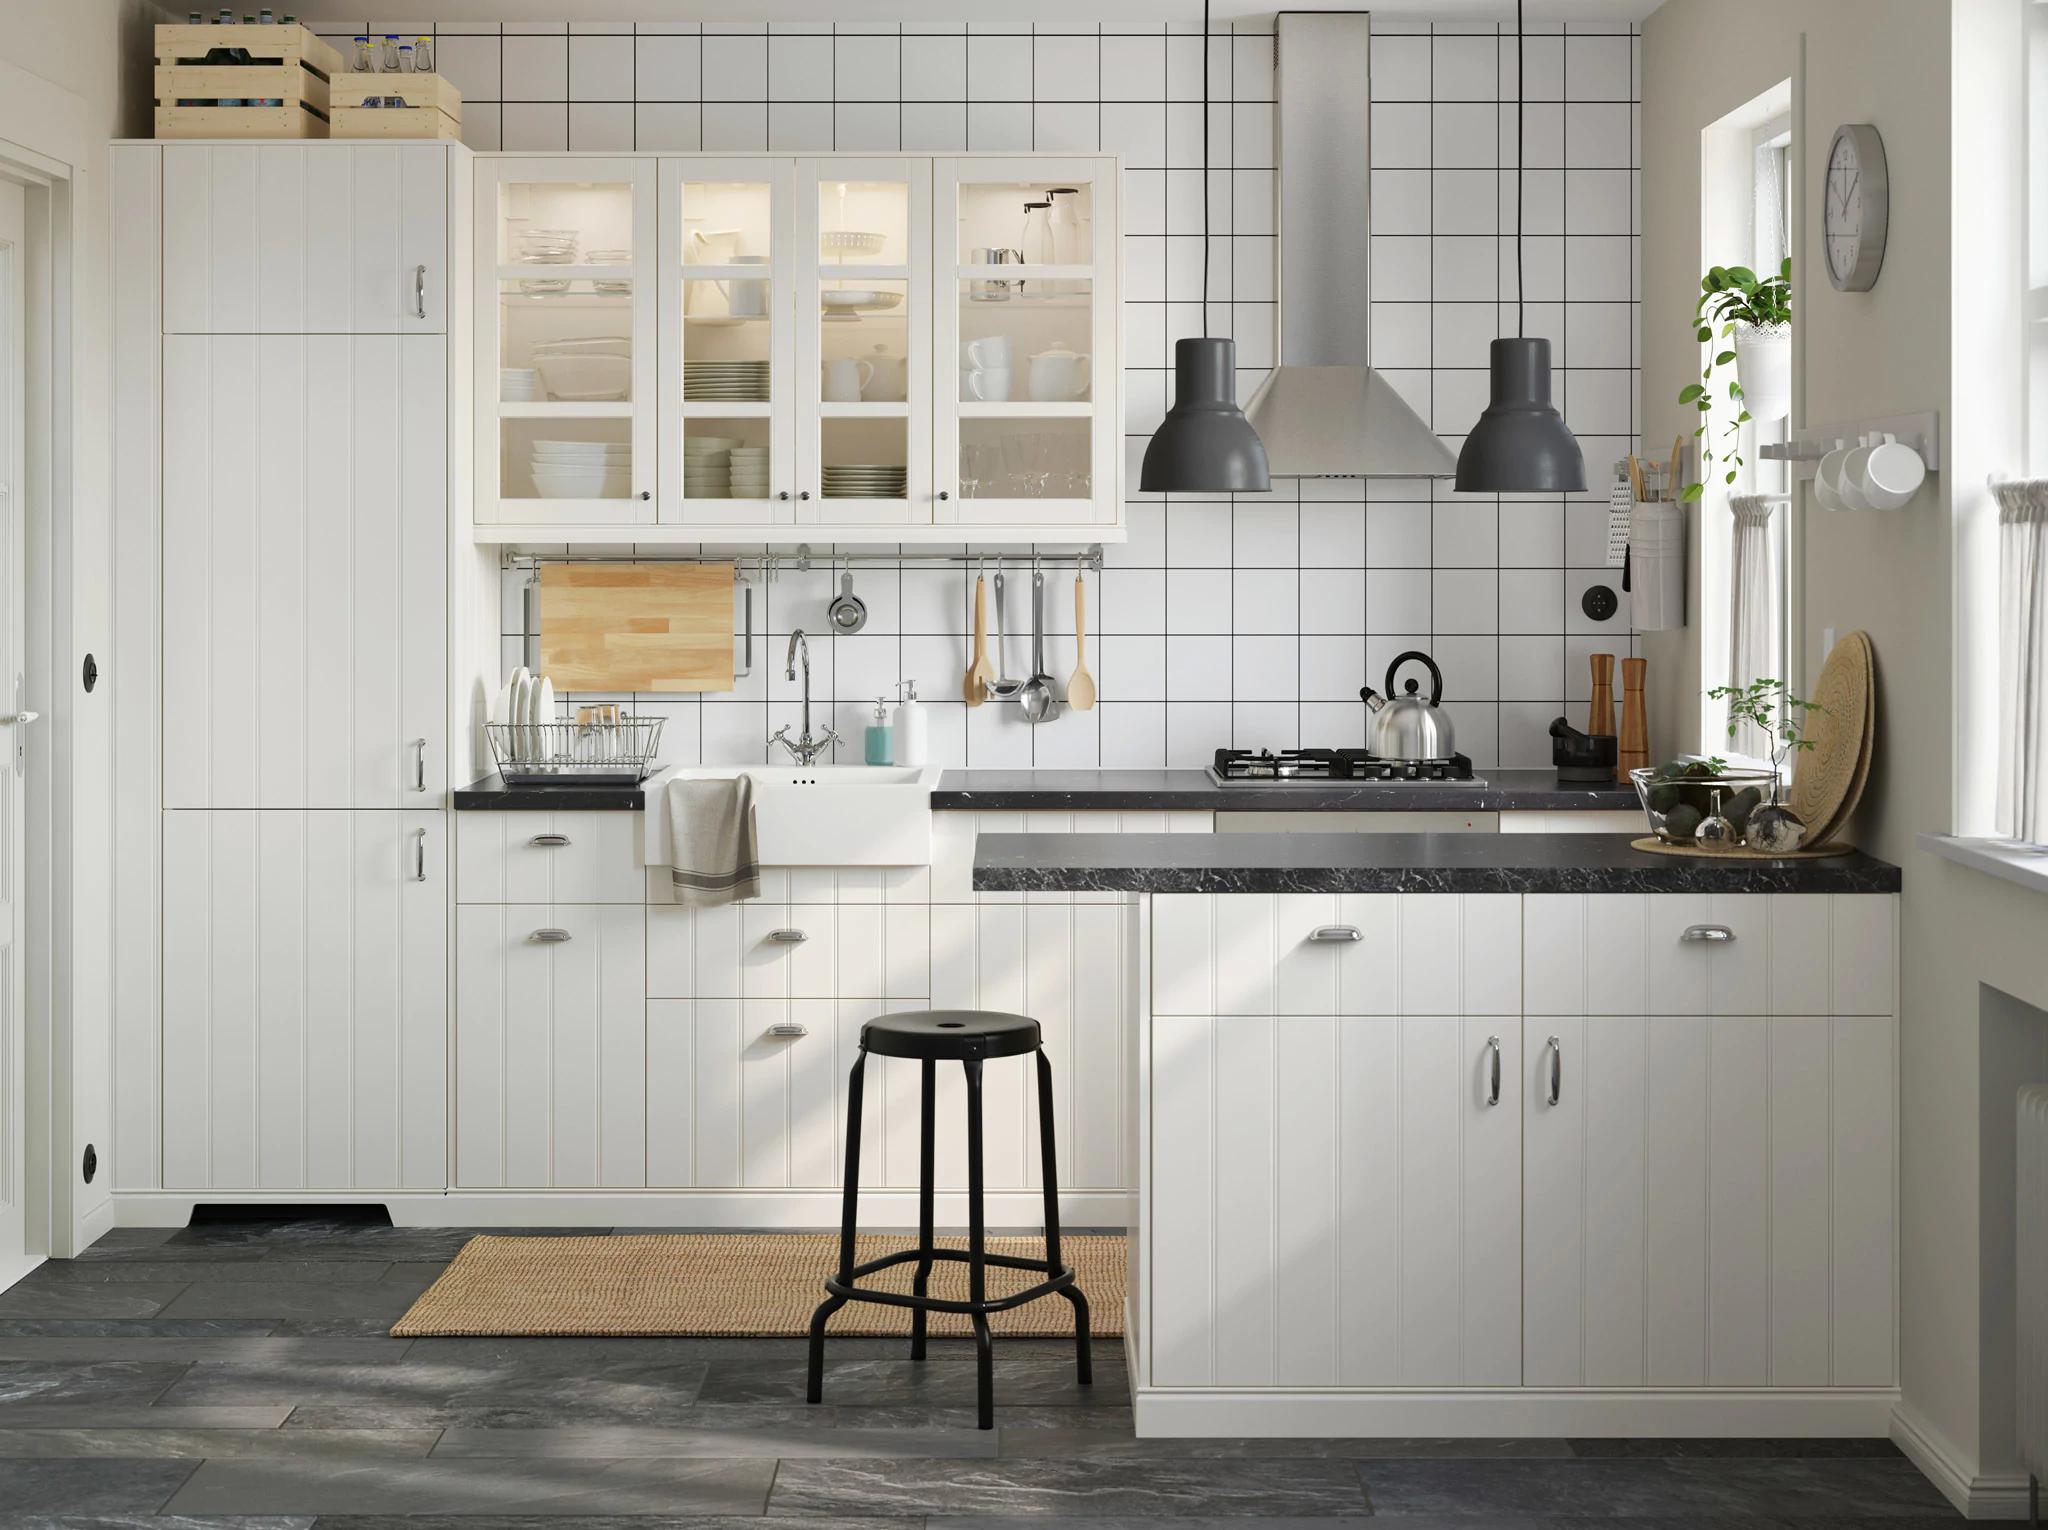 Ikea Classic White Kitchen Ikea Kitchen Inspiration Latest Kitchen Designs Kitchen Inspirations